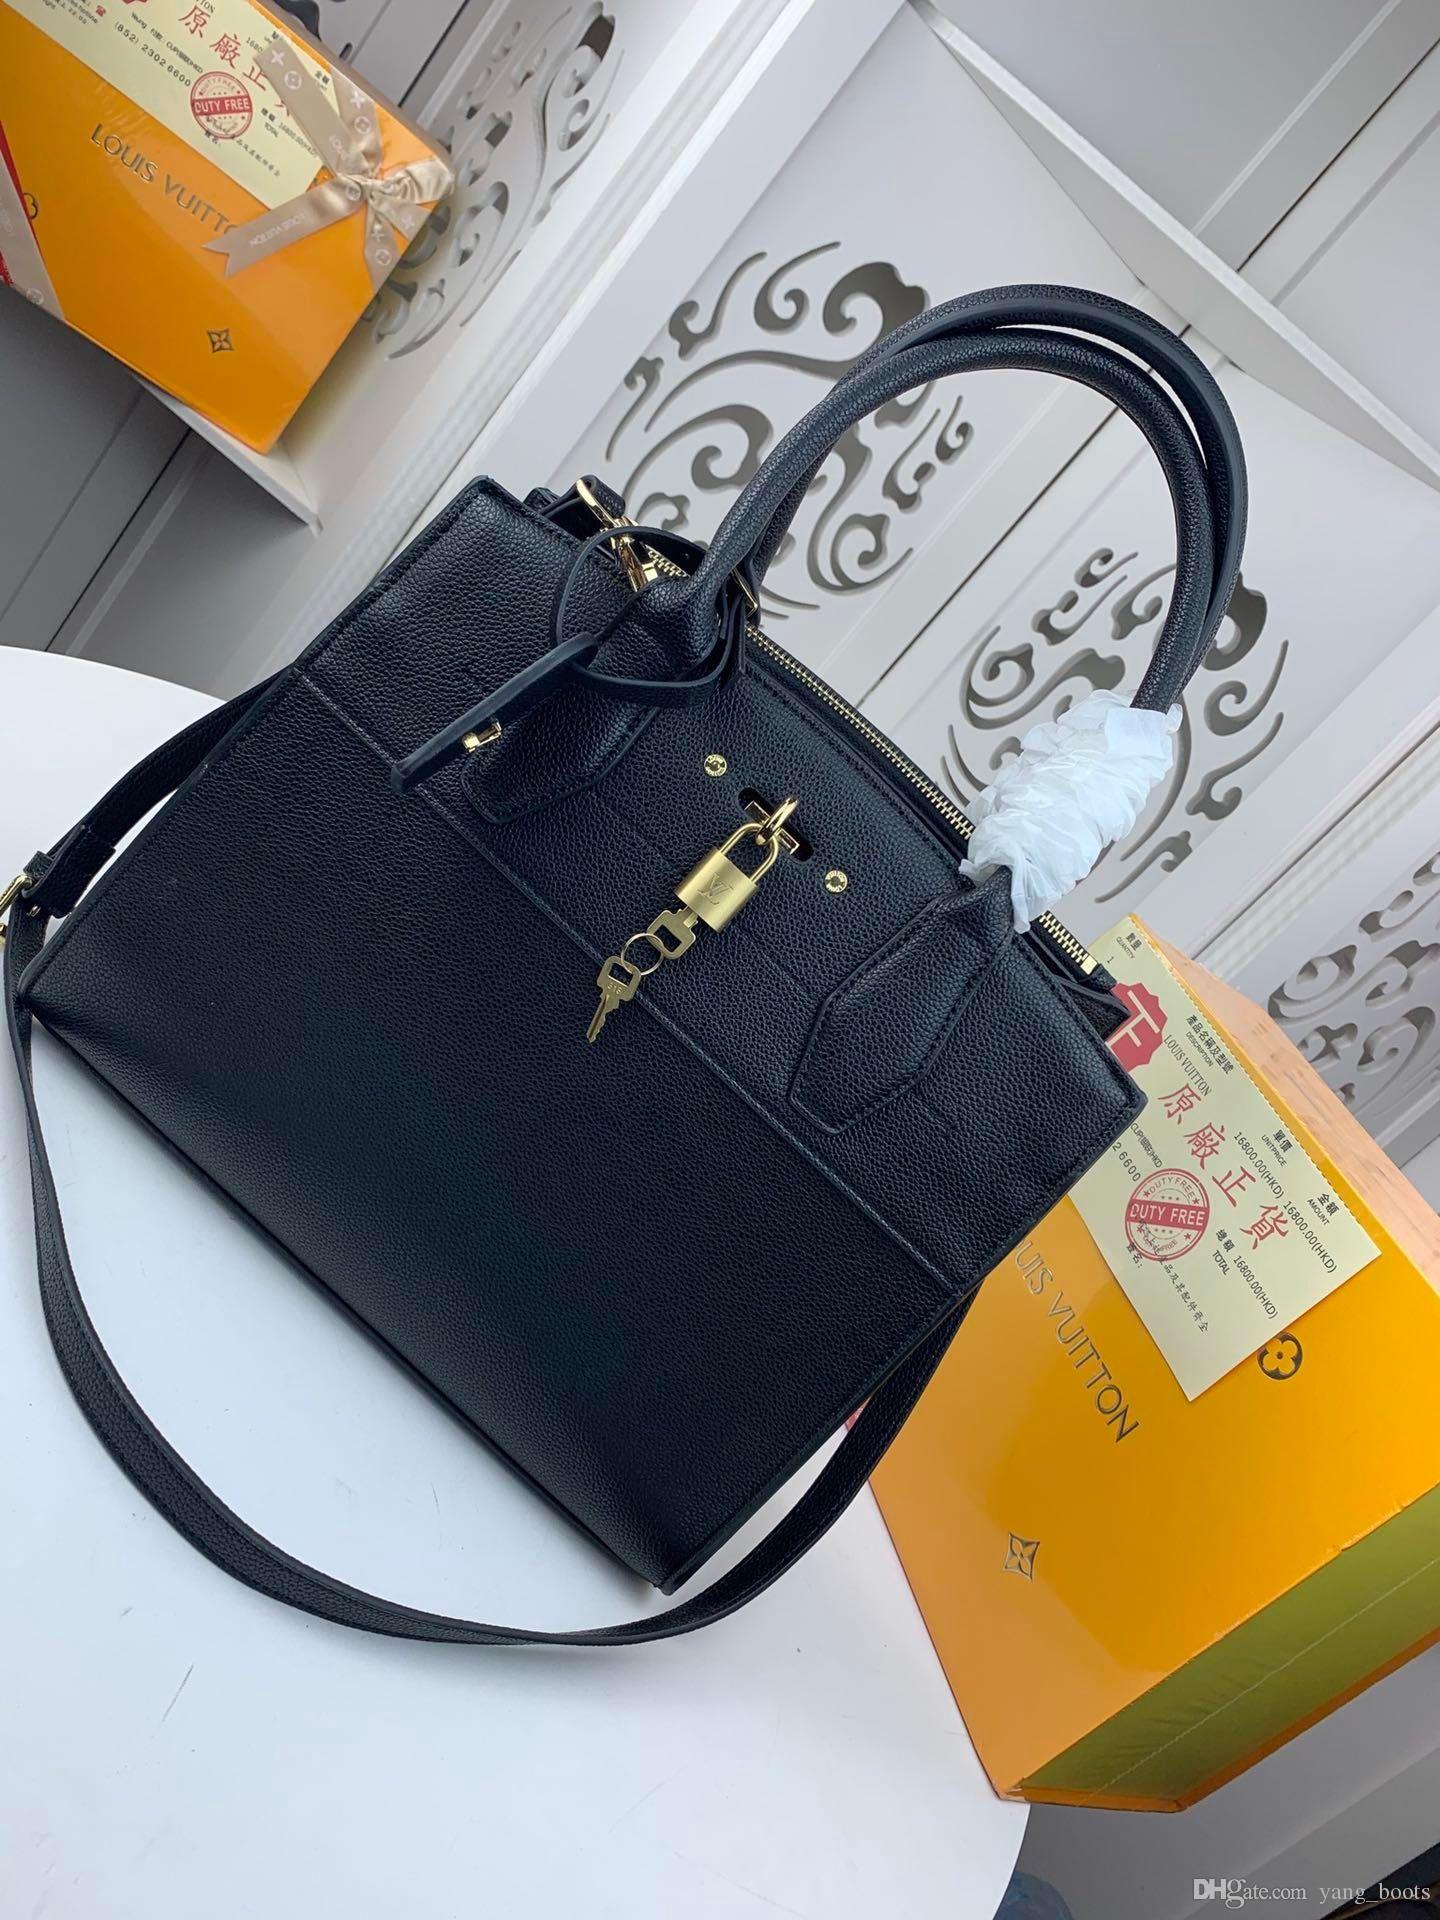 Sac bandoulière sac sacs à main designer Femmes sacs en cuir de luxe en cuir VEAU plus des prix rentables sur le size26.5 du marché 23 13